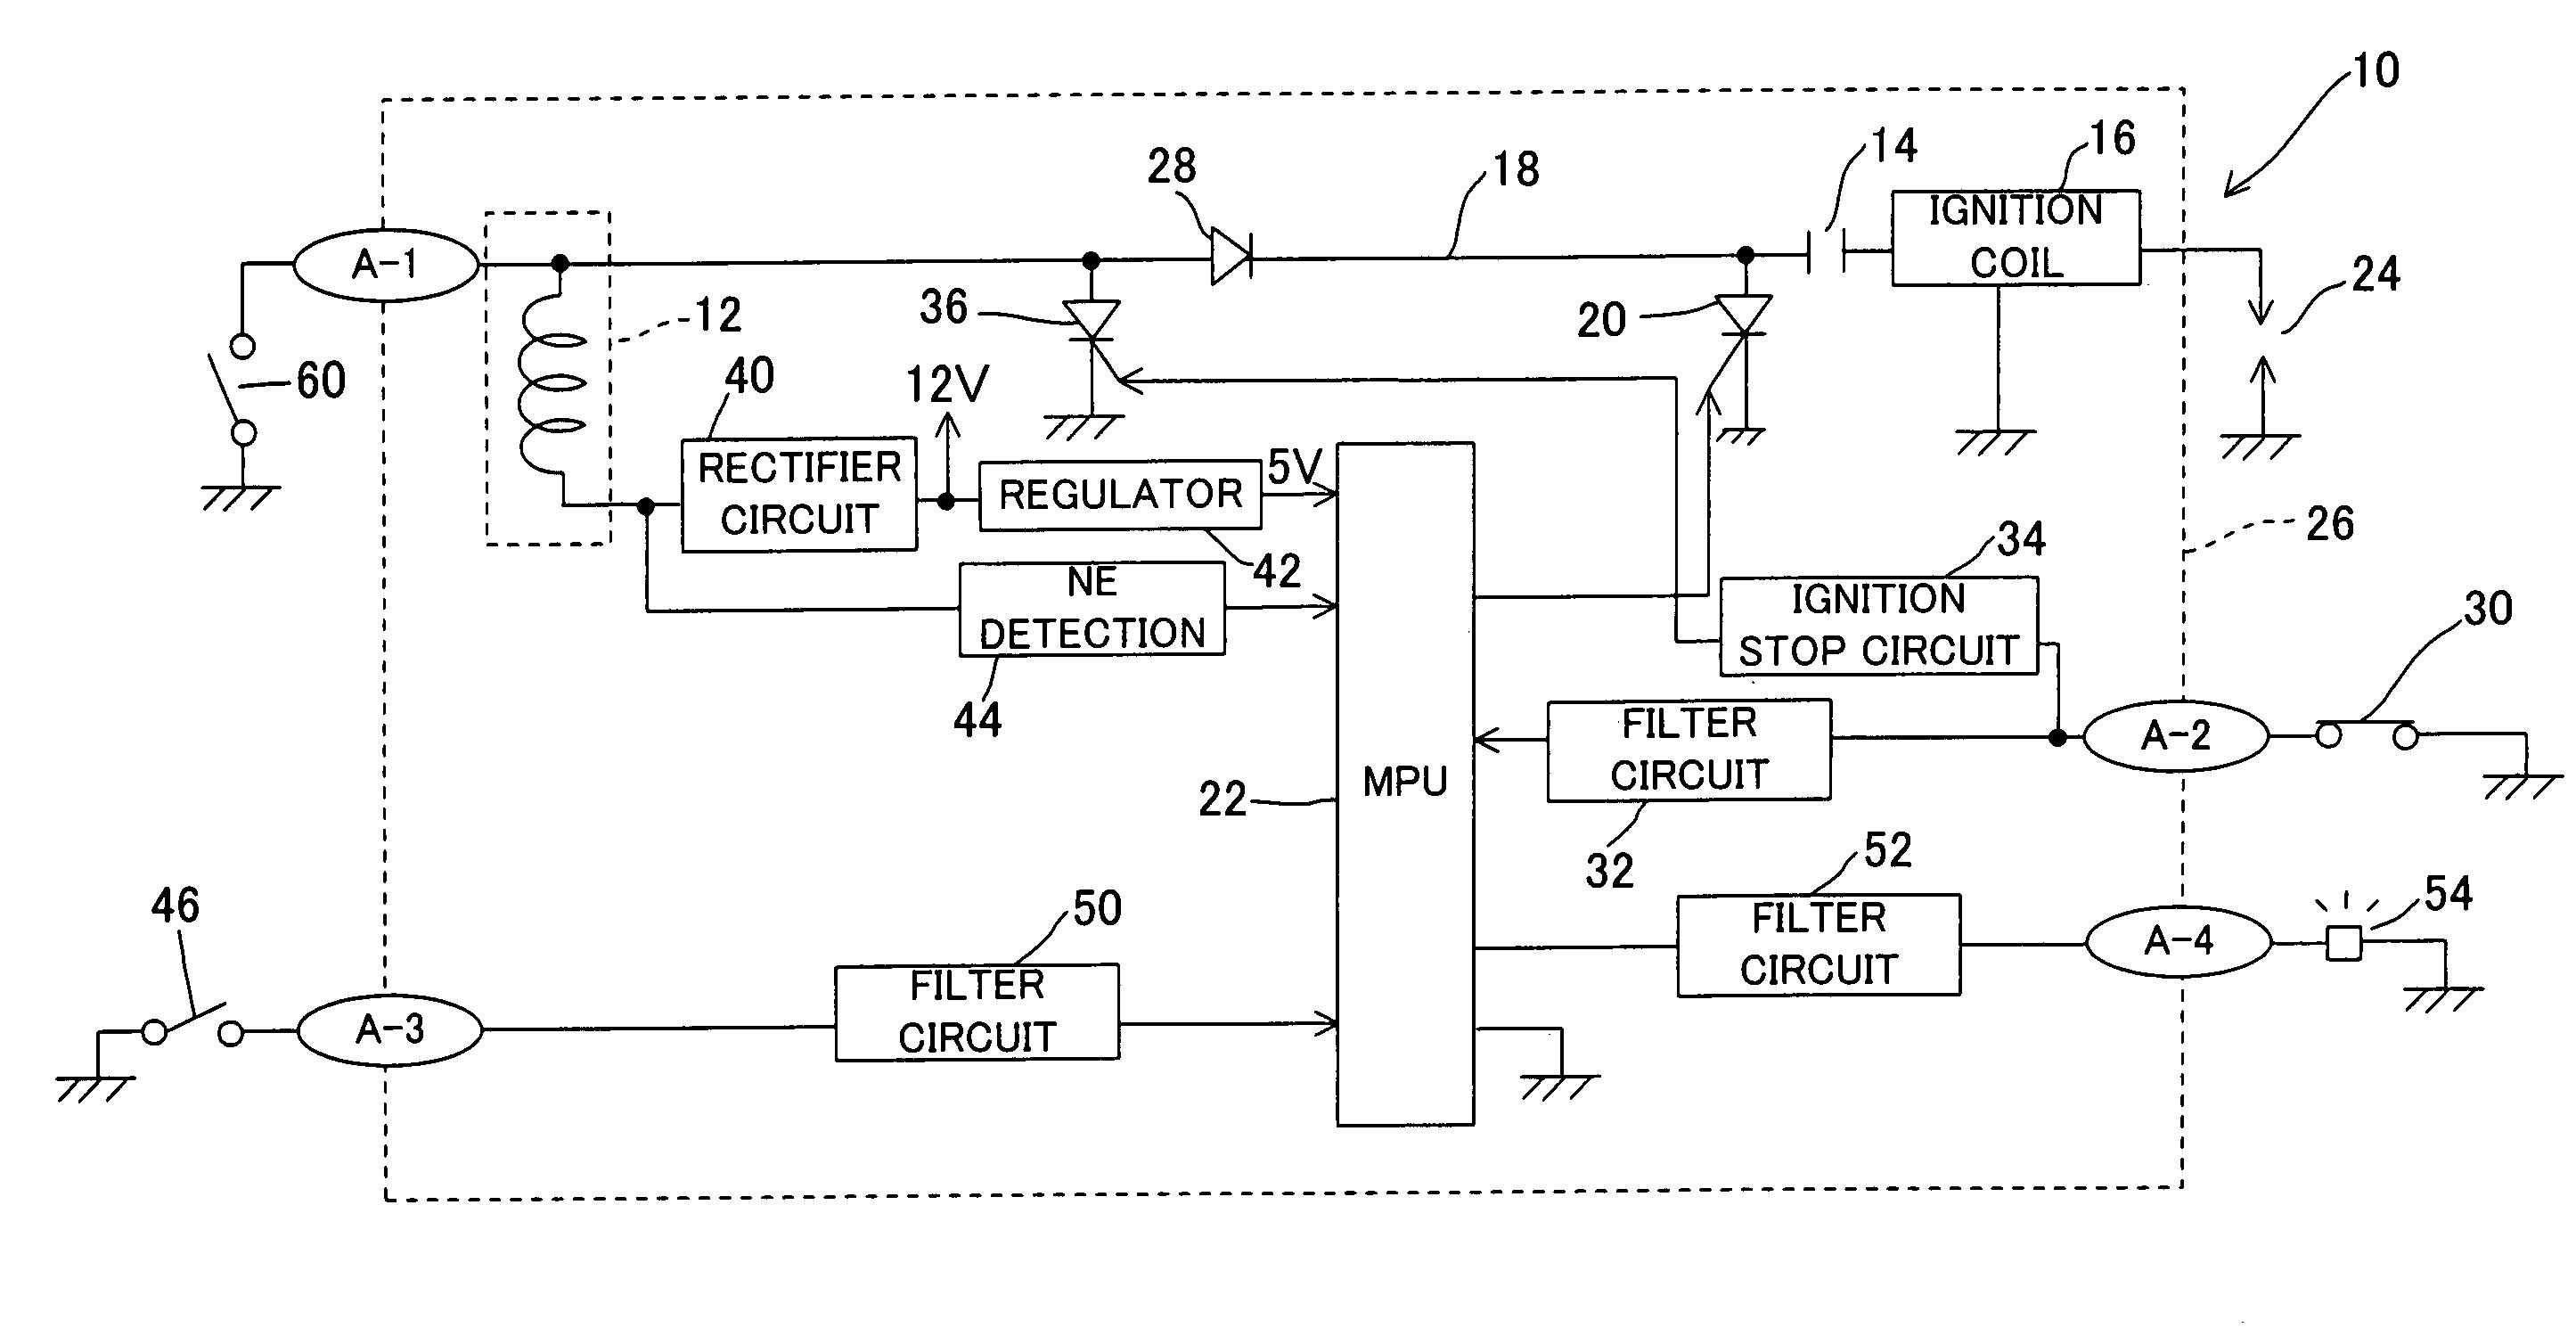 Kawasaki Ignition Coil Wiring Diagram